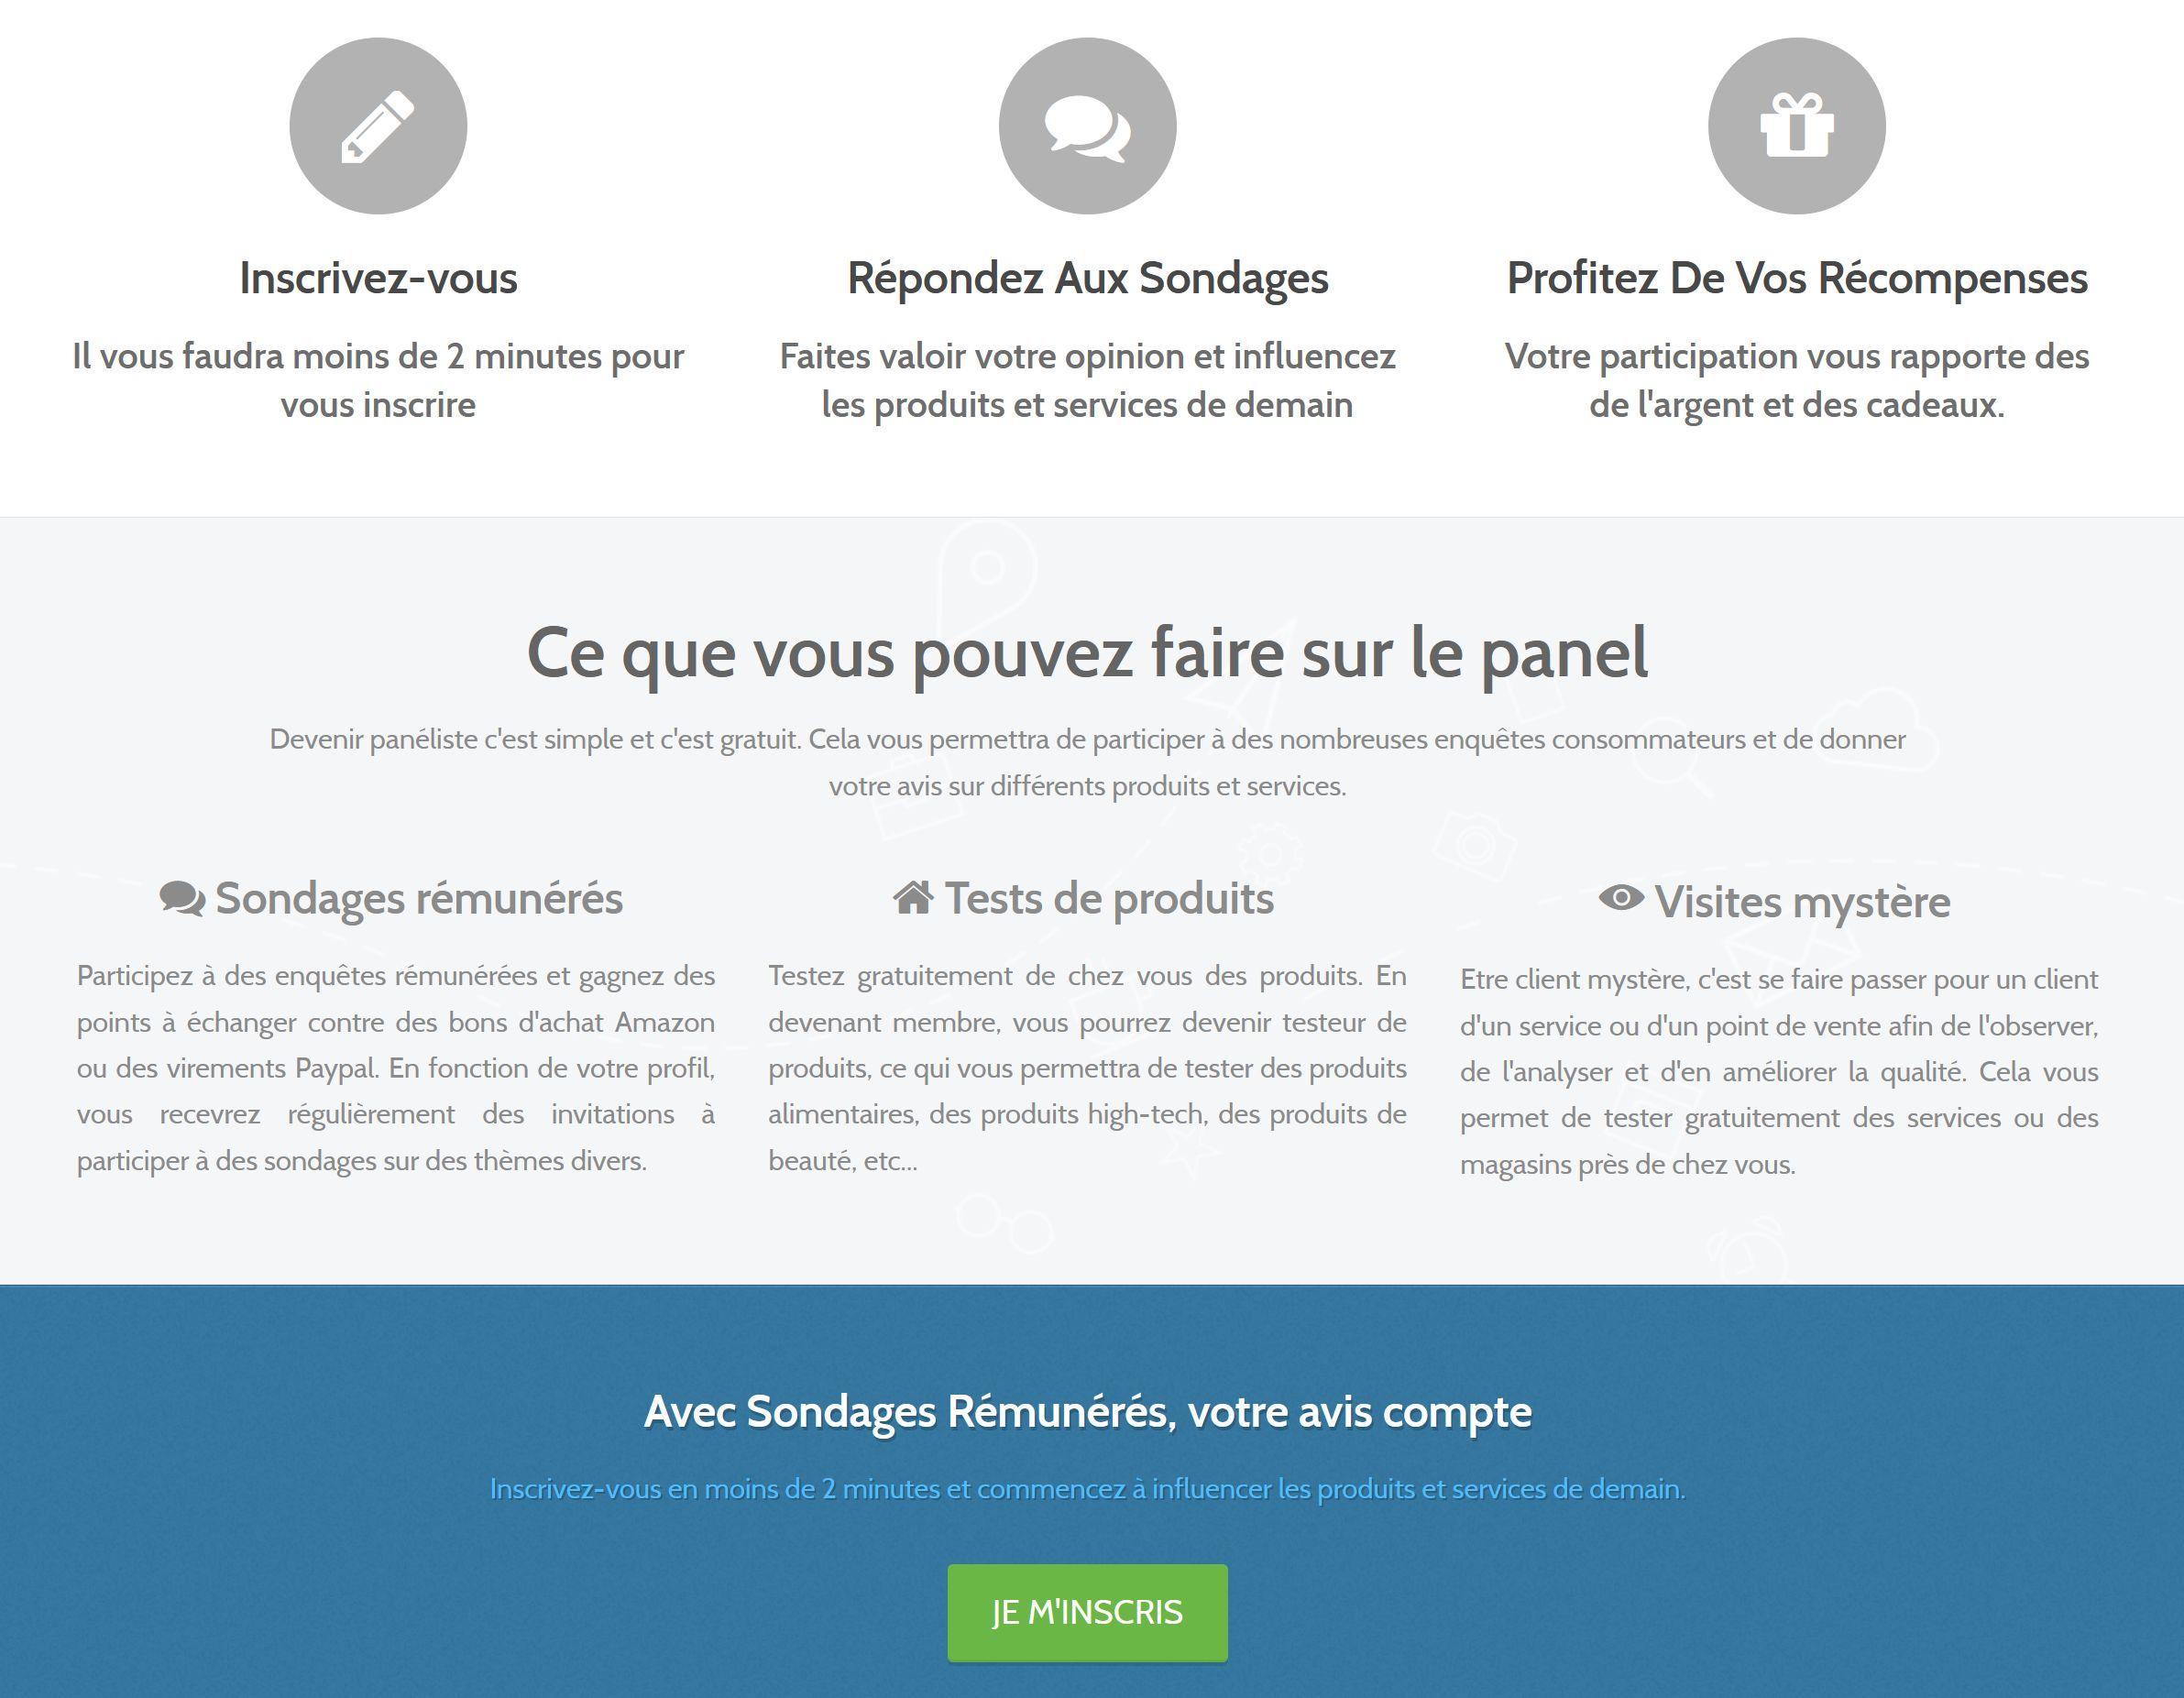 le fonctionnement de sondagesremuneres.fr